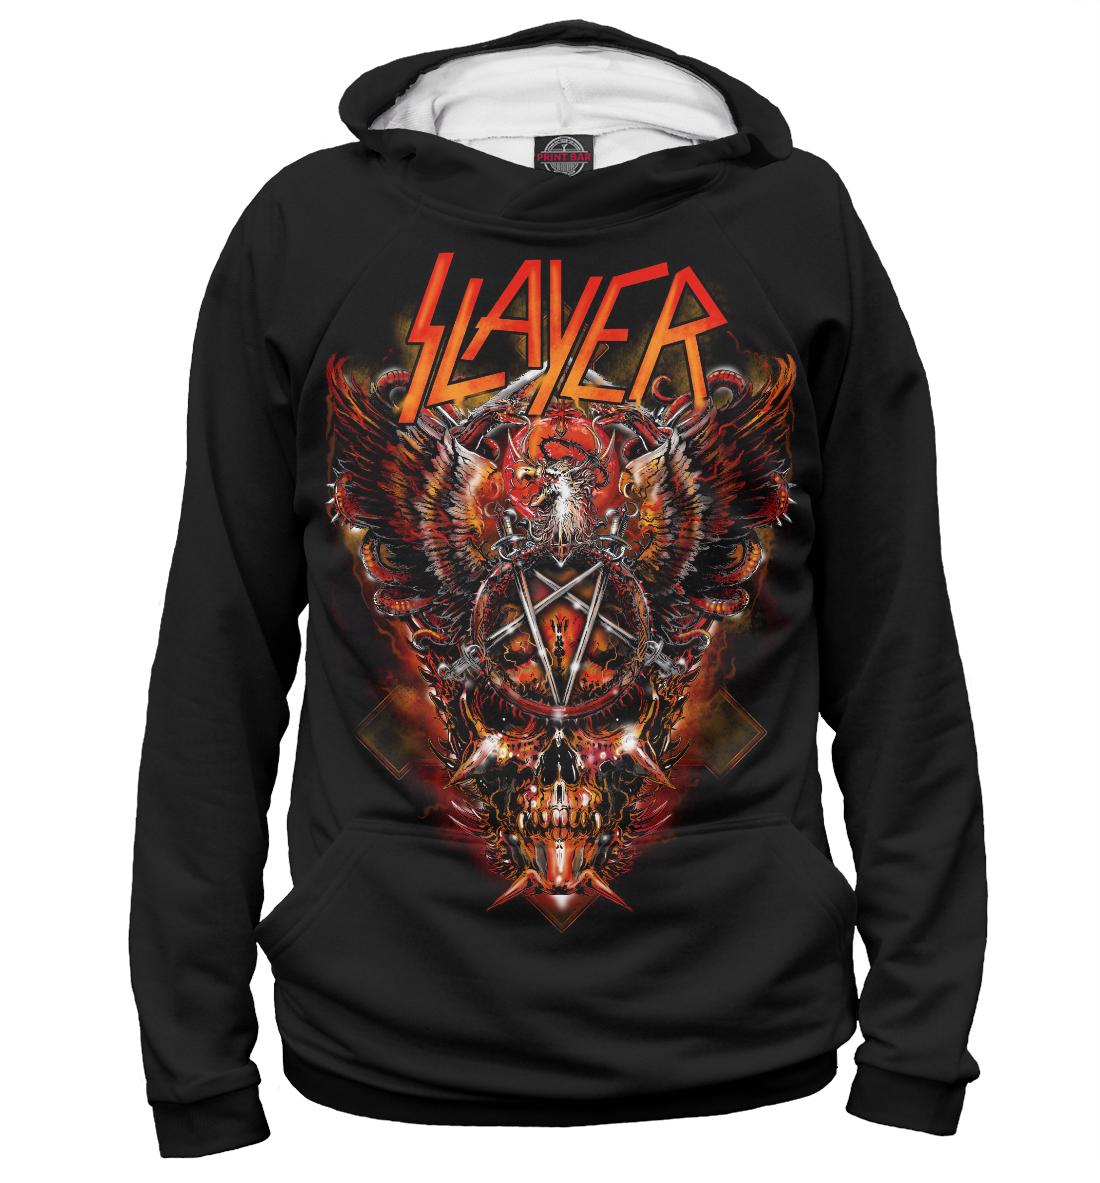 Купить Slayer, Printbar, Худи, MZK-507293-hud-1